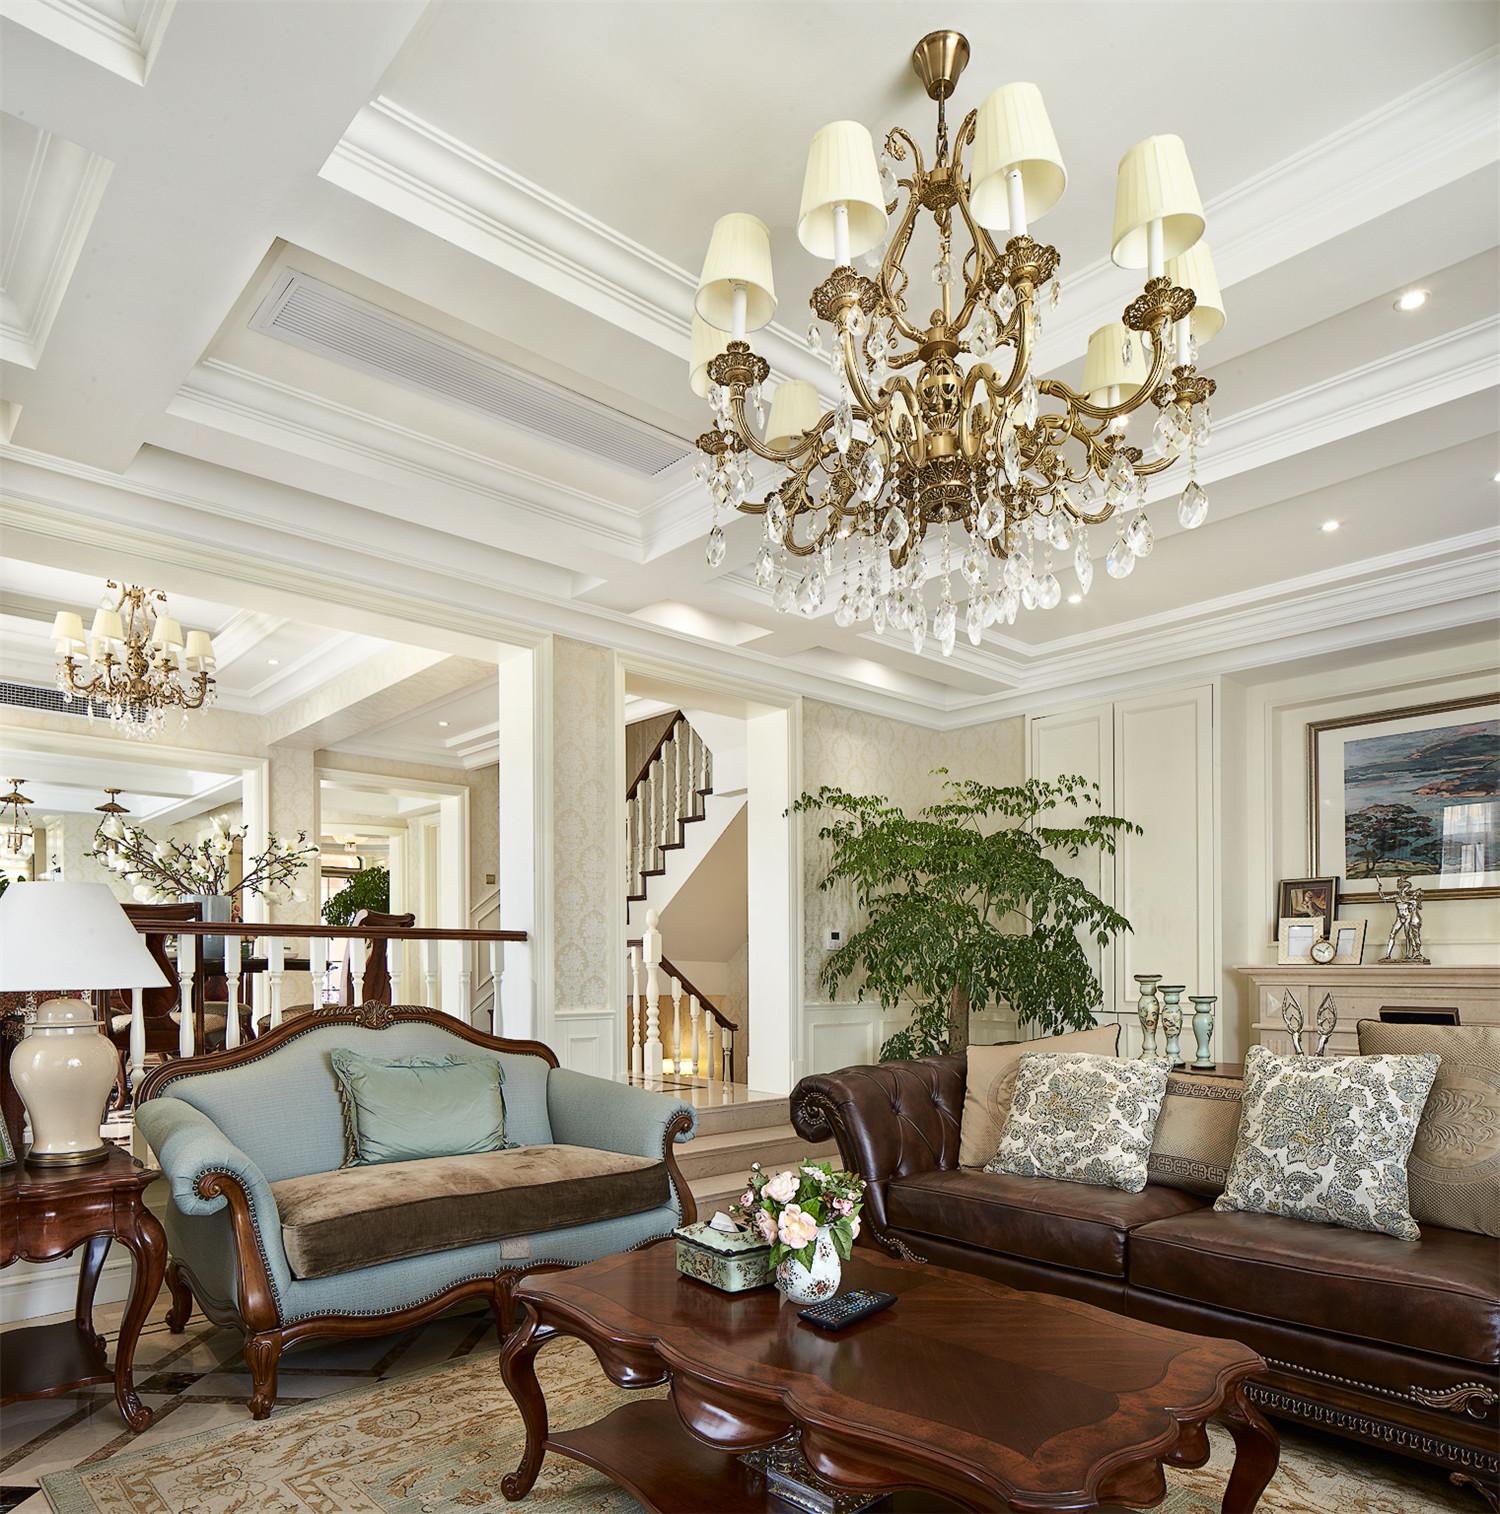 美式别墅装修客厅吊灯设计